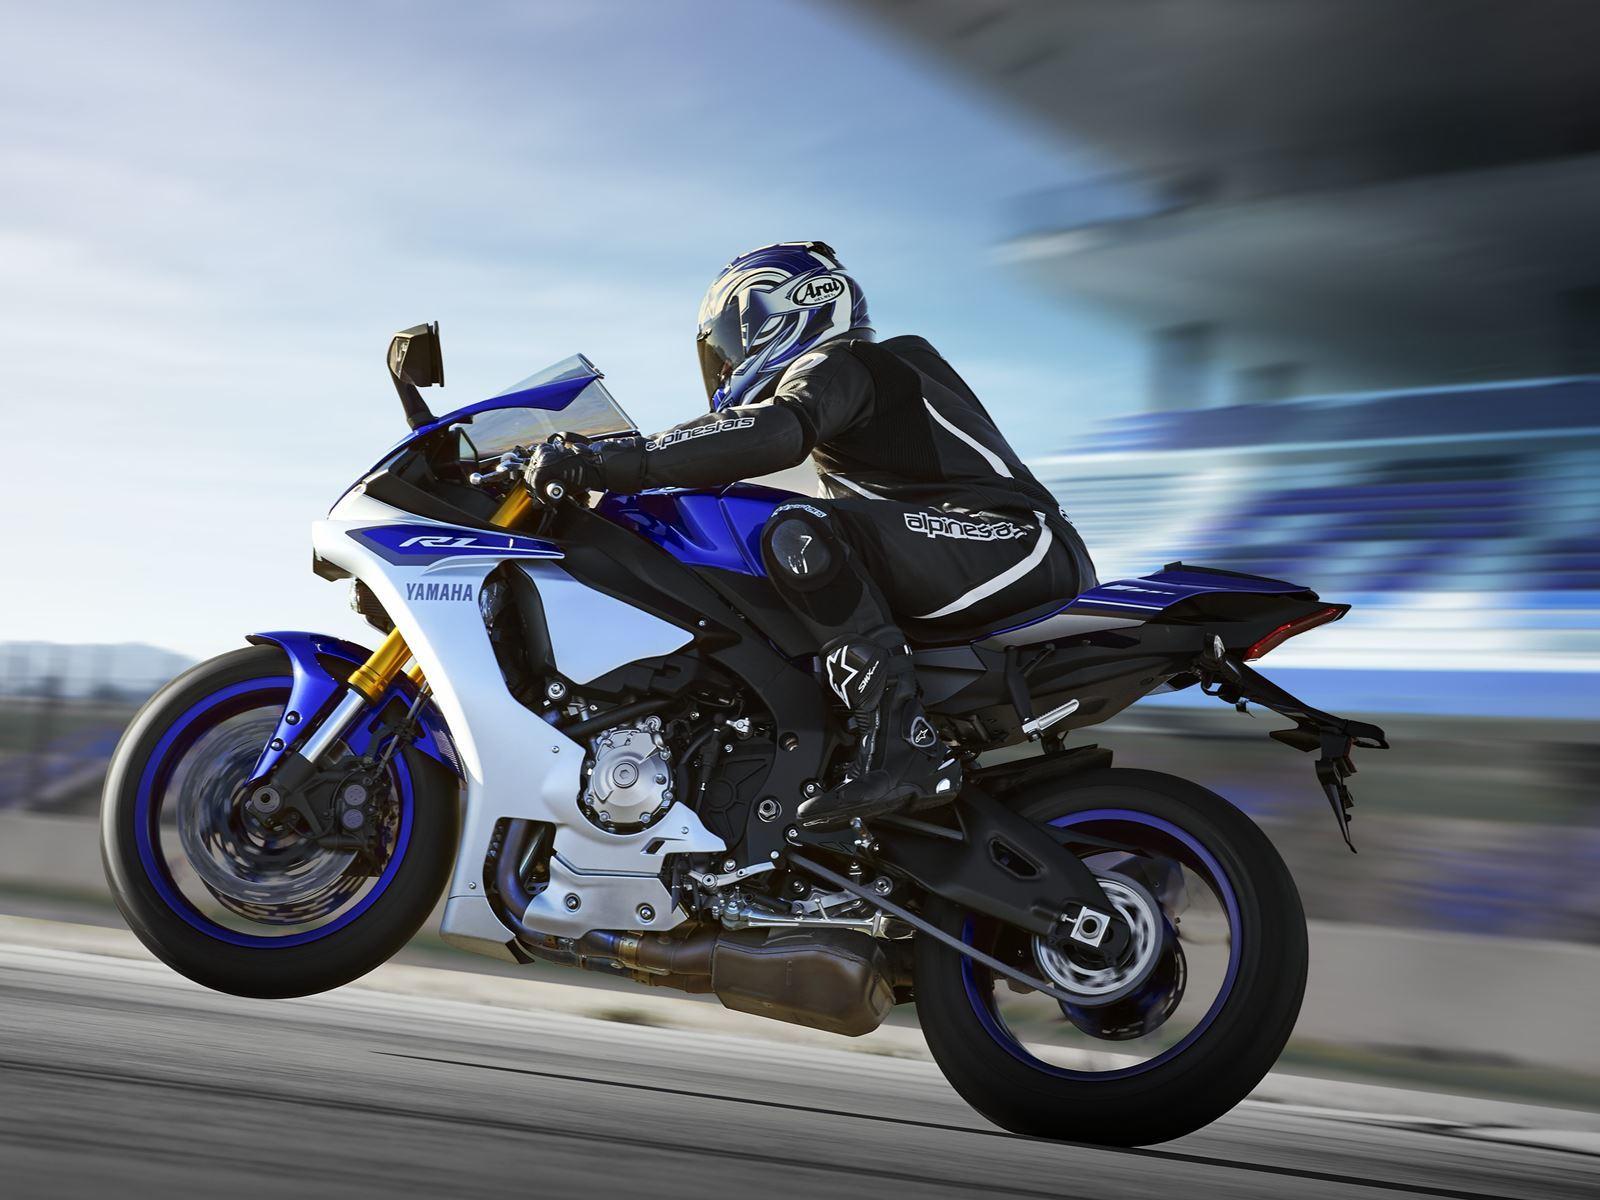 48 fotos más de Yamaha YZF-R1 2015